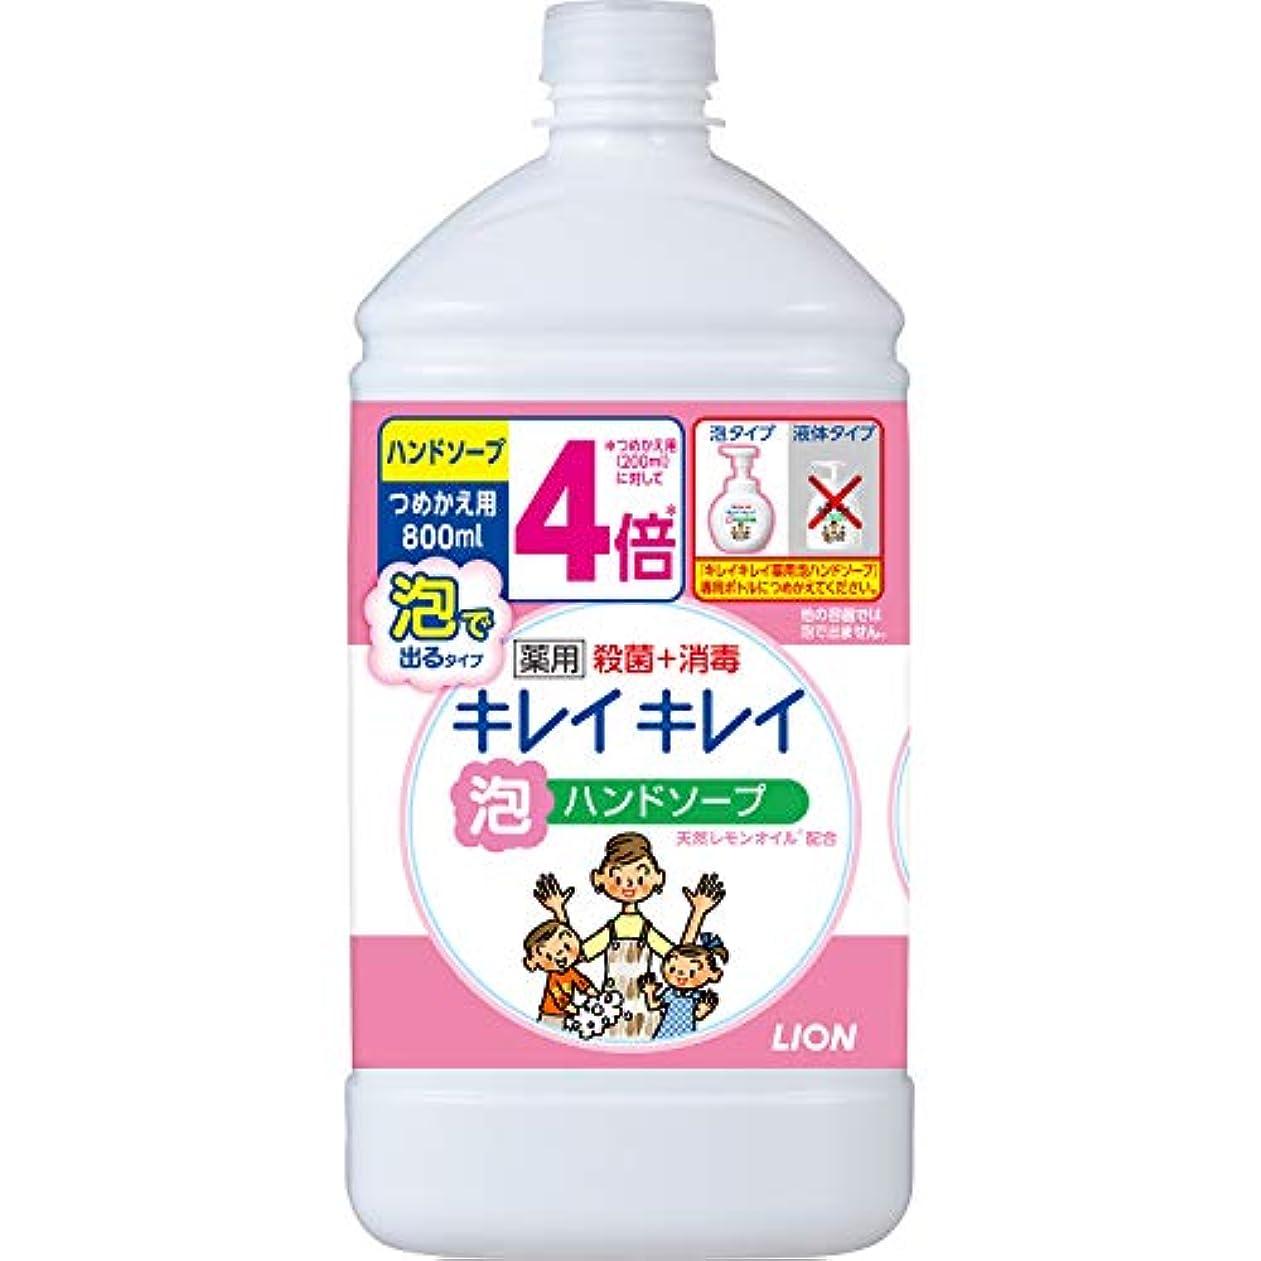 機会いくつかのレーニン主義(医薬部外品)【大容量】キレイキレイ 薬用 泡ハンドソープ シトラスフルーティの香り 詰替特大 800ml